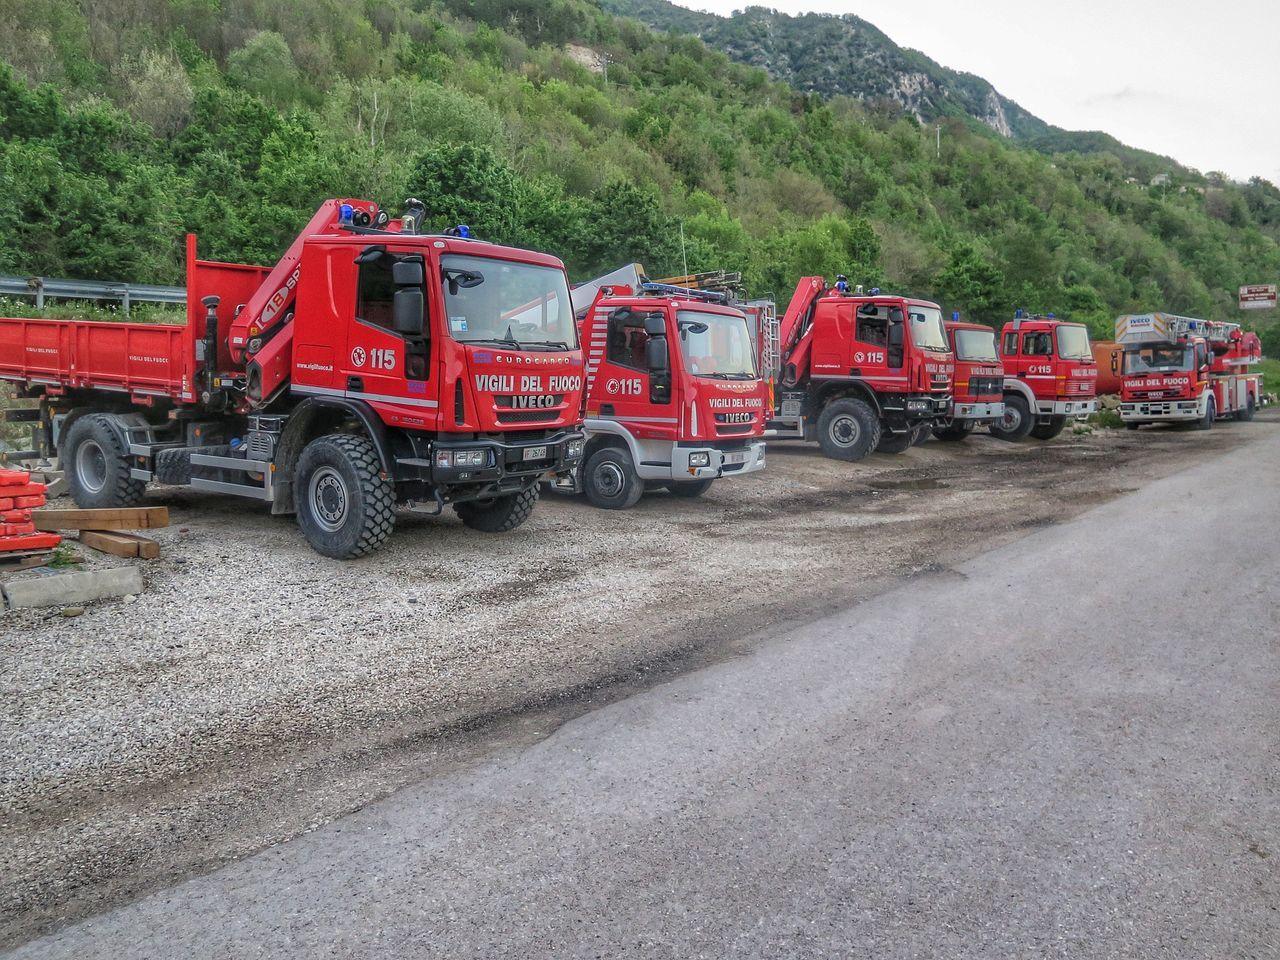 Firefighters Terremoto Marche Vvf Vigili Del Fuoco  Vigili Del Fuoco  Campsite Search And Rescue Trucks